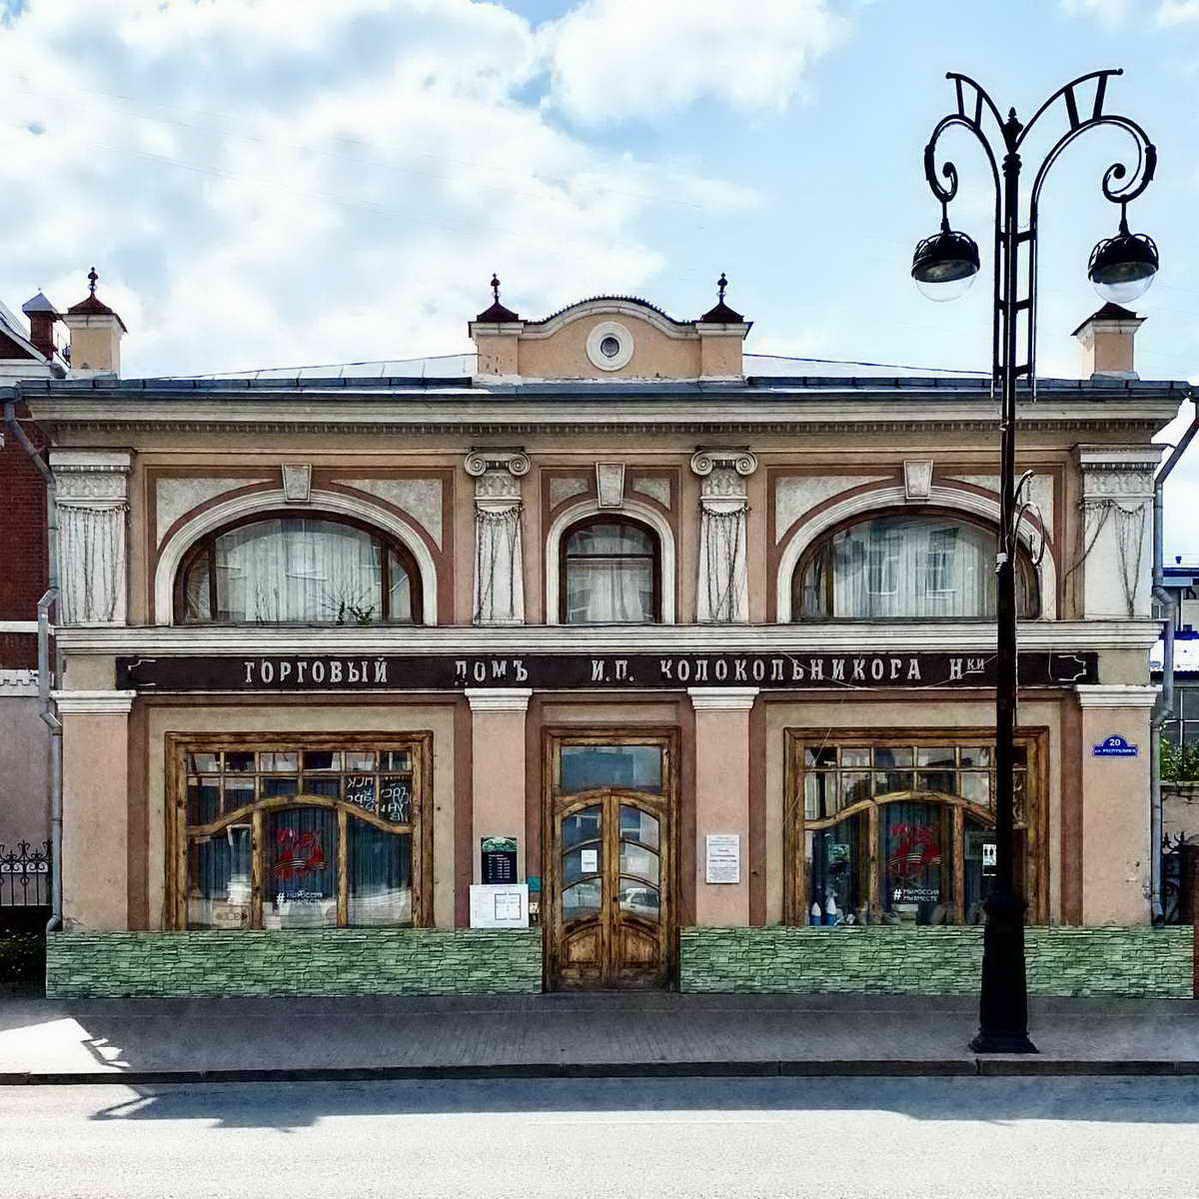 Музей-усадьба купца Колокольникова. Тюмень